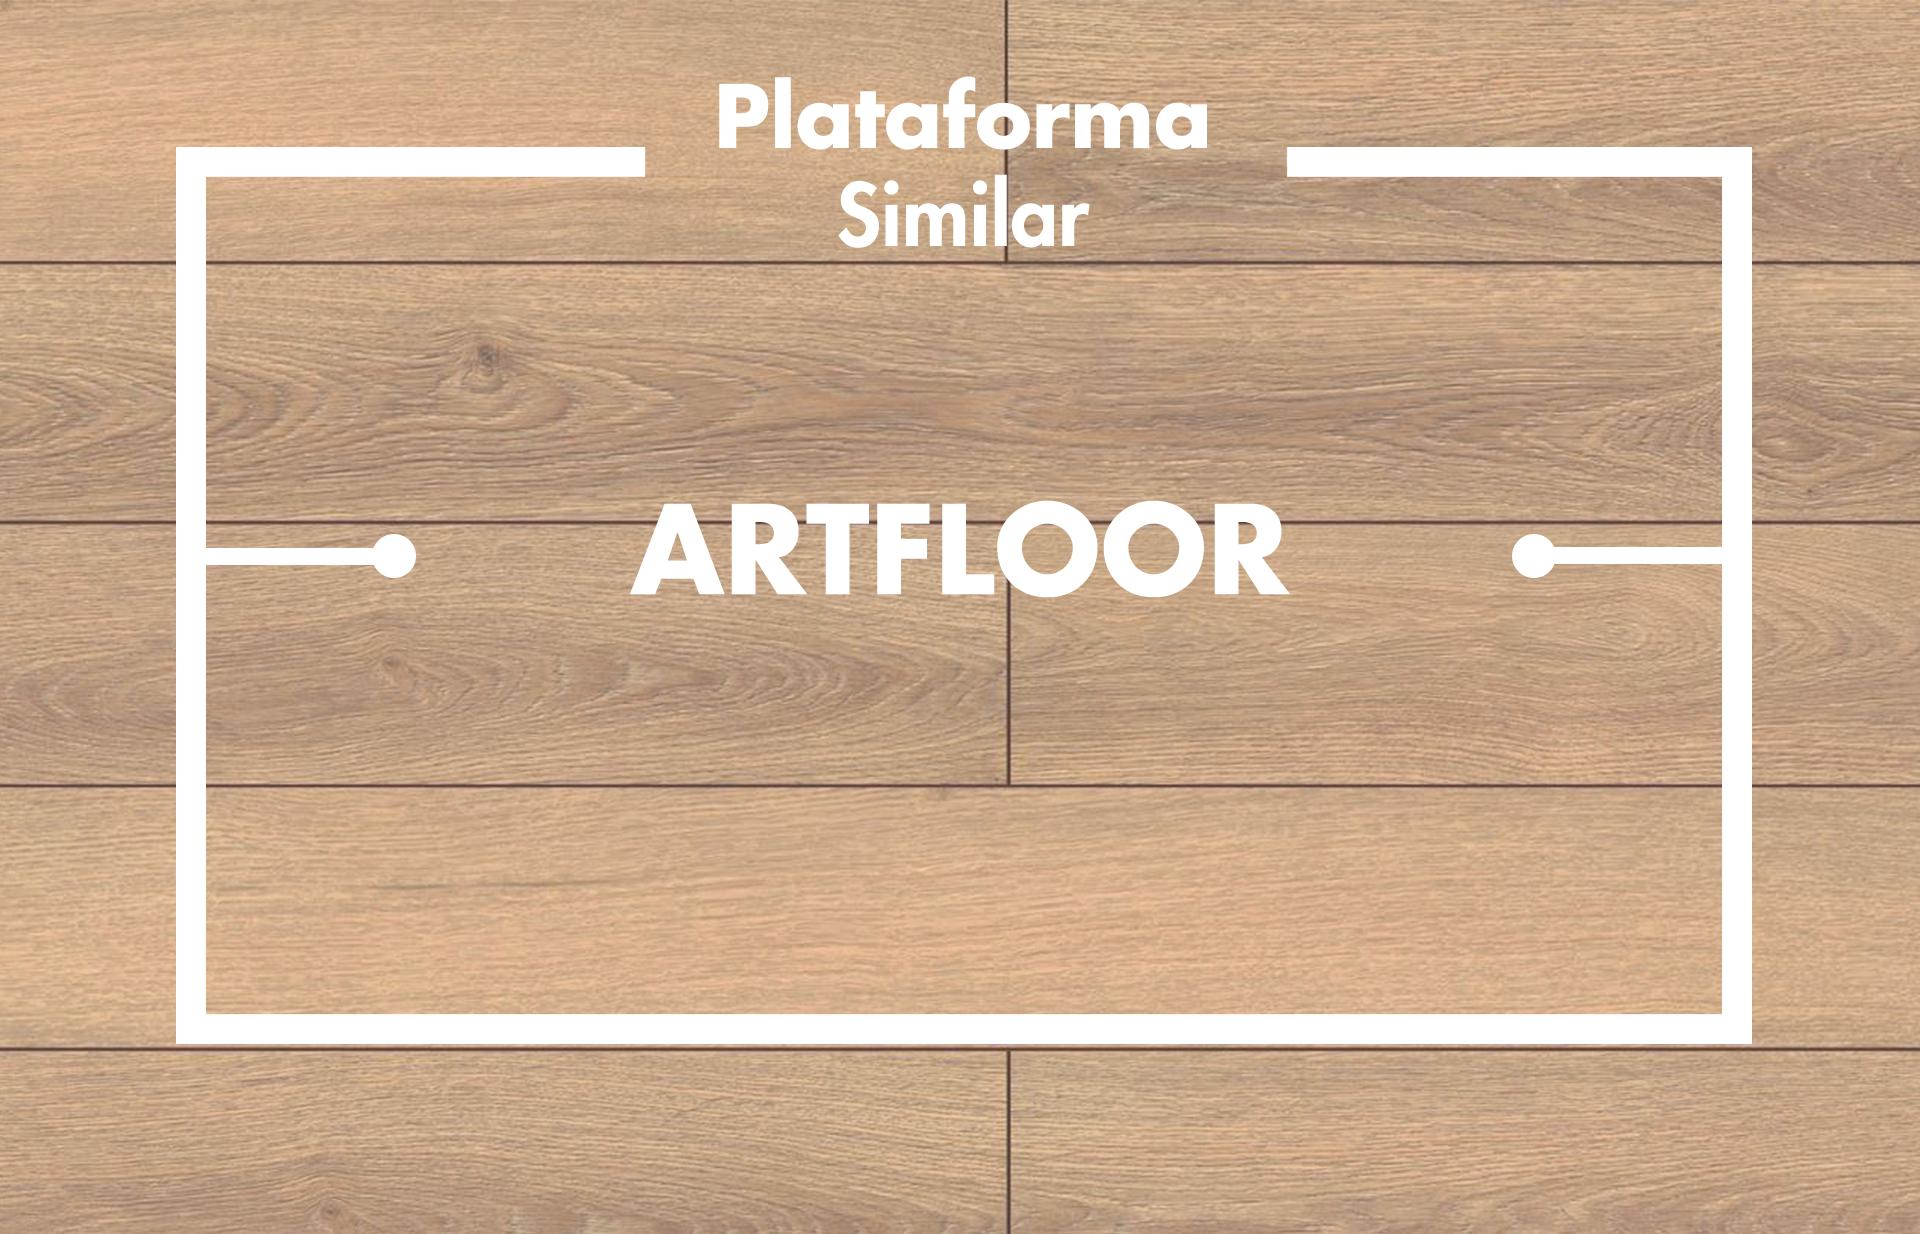 artfloor